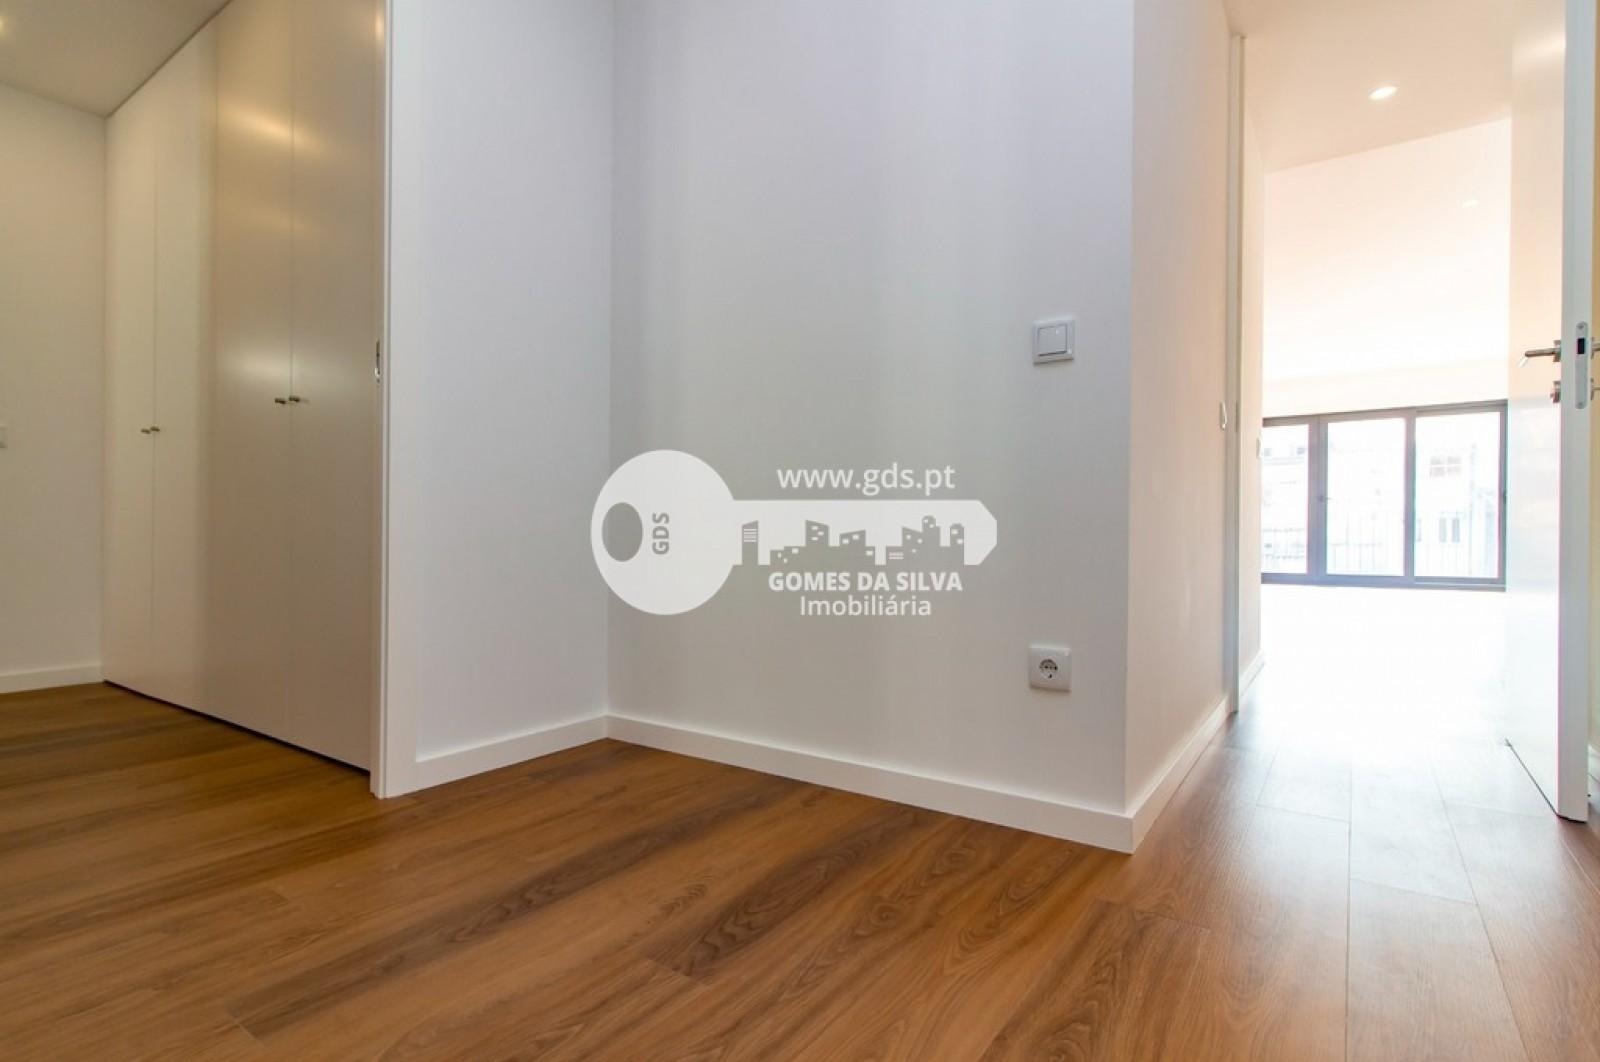 Apartamento T3 para Venda em São Vicente, Braga, Braga - Imagem 6